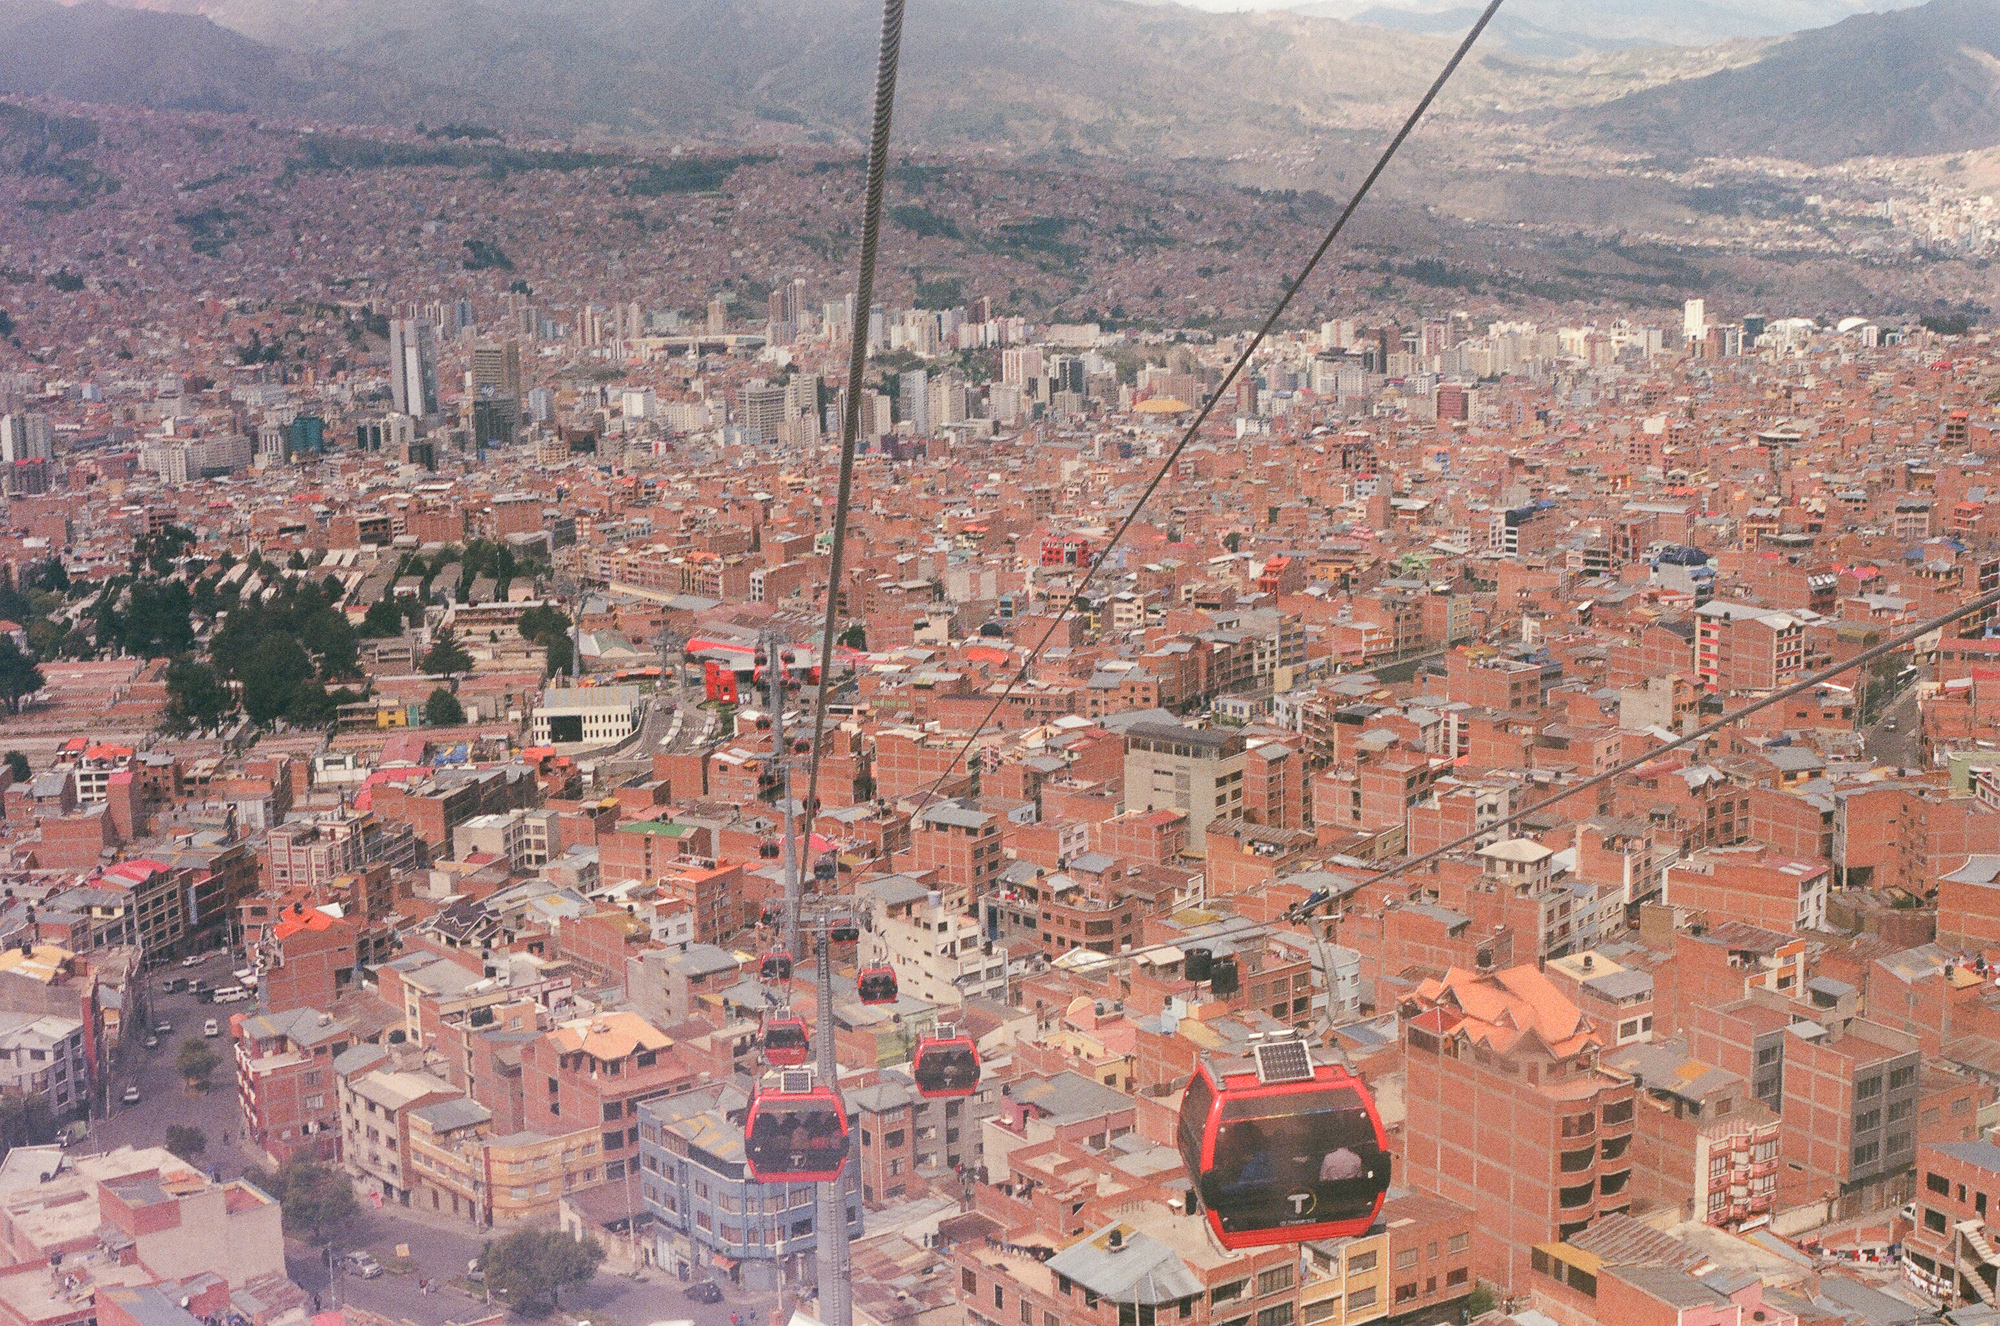 La Paz, Bolivia  March 2018